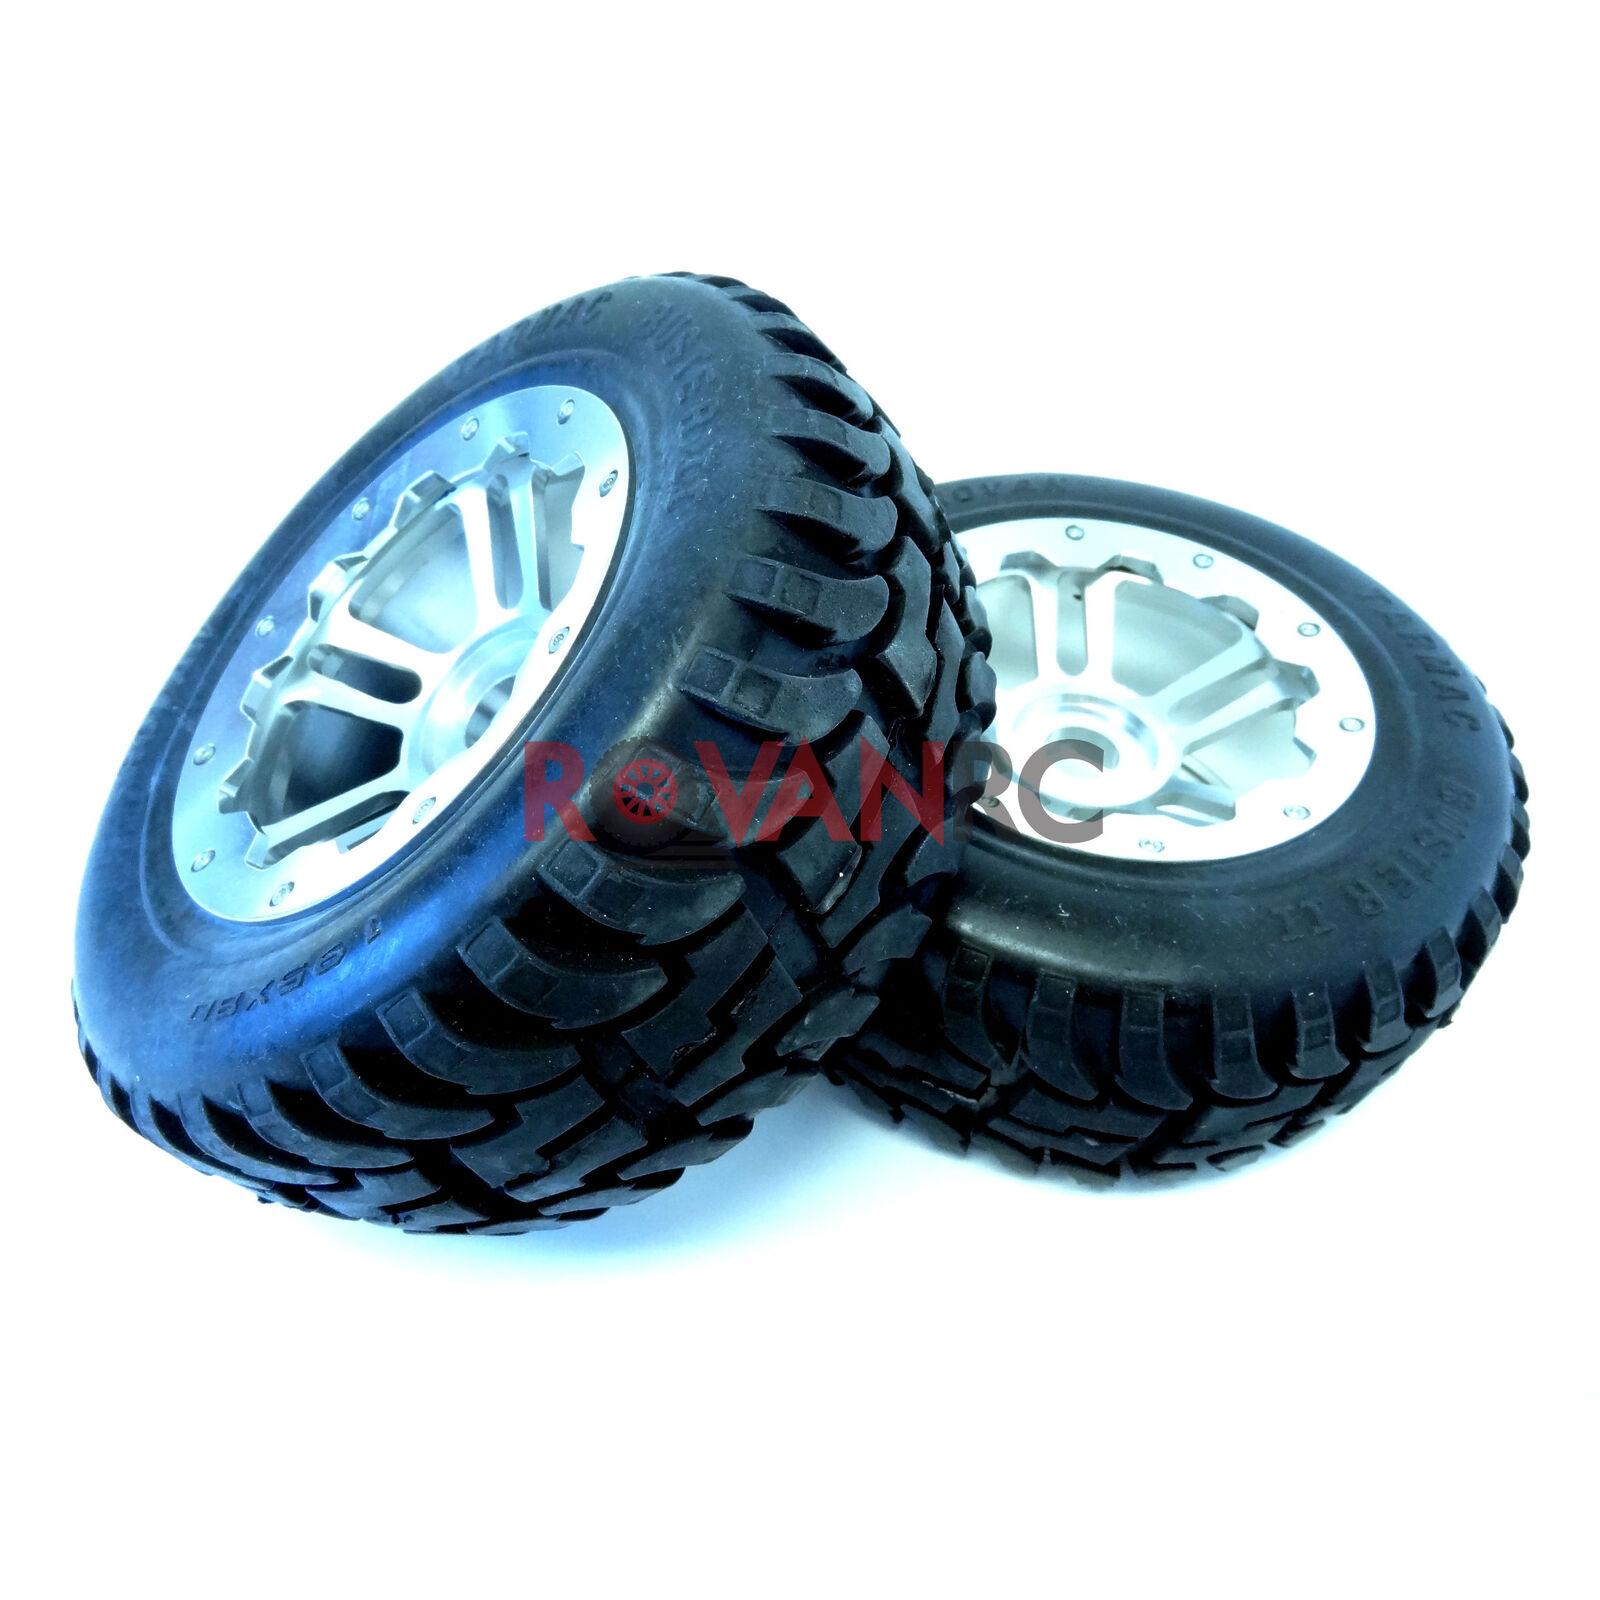 Rovan Trasero Mud Terrain neumáticos de Ss Cnc De Aluminio, Llantas de aleación se adapta a Hpi Baja 5t 5sc